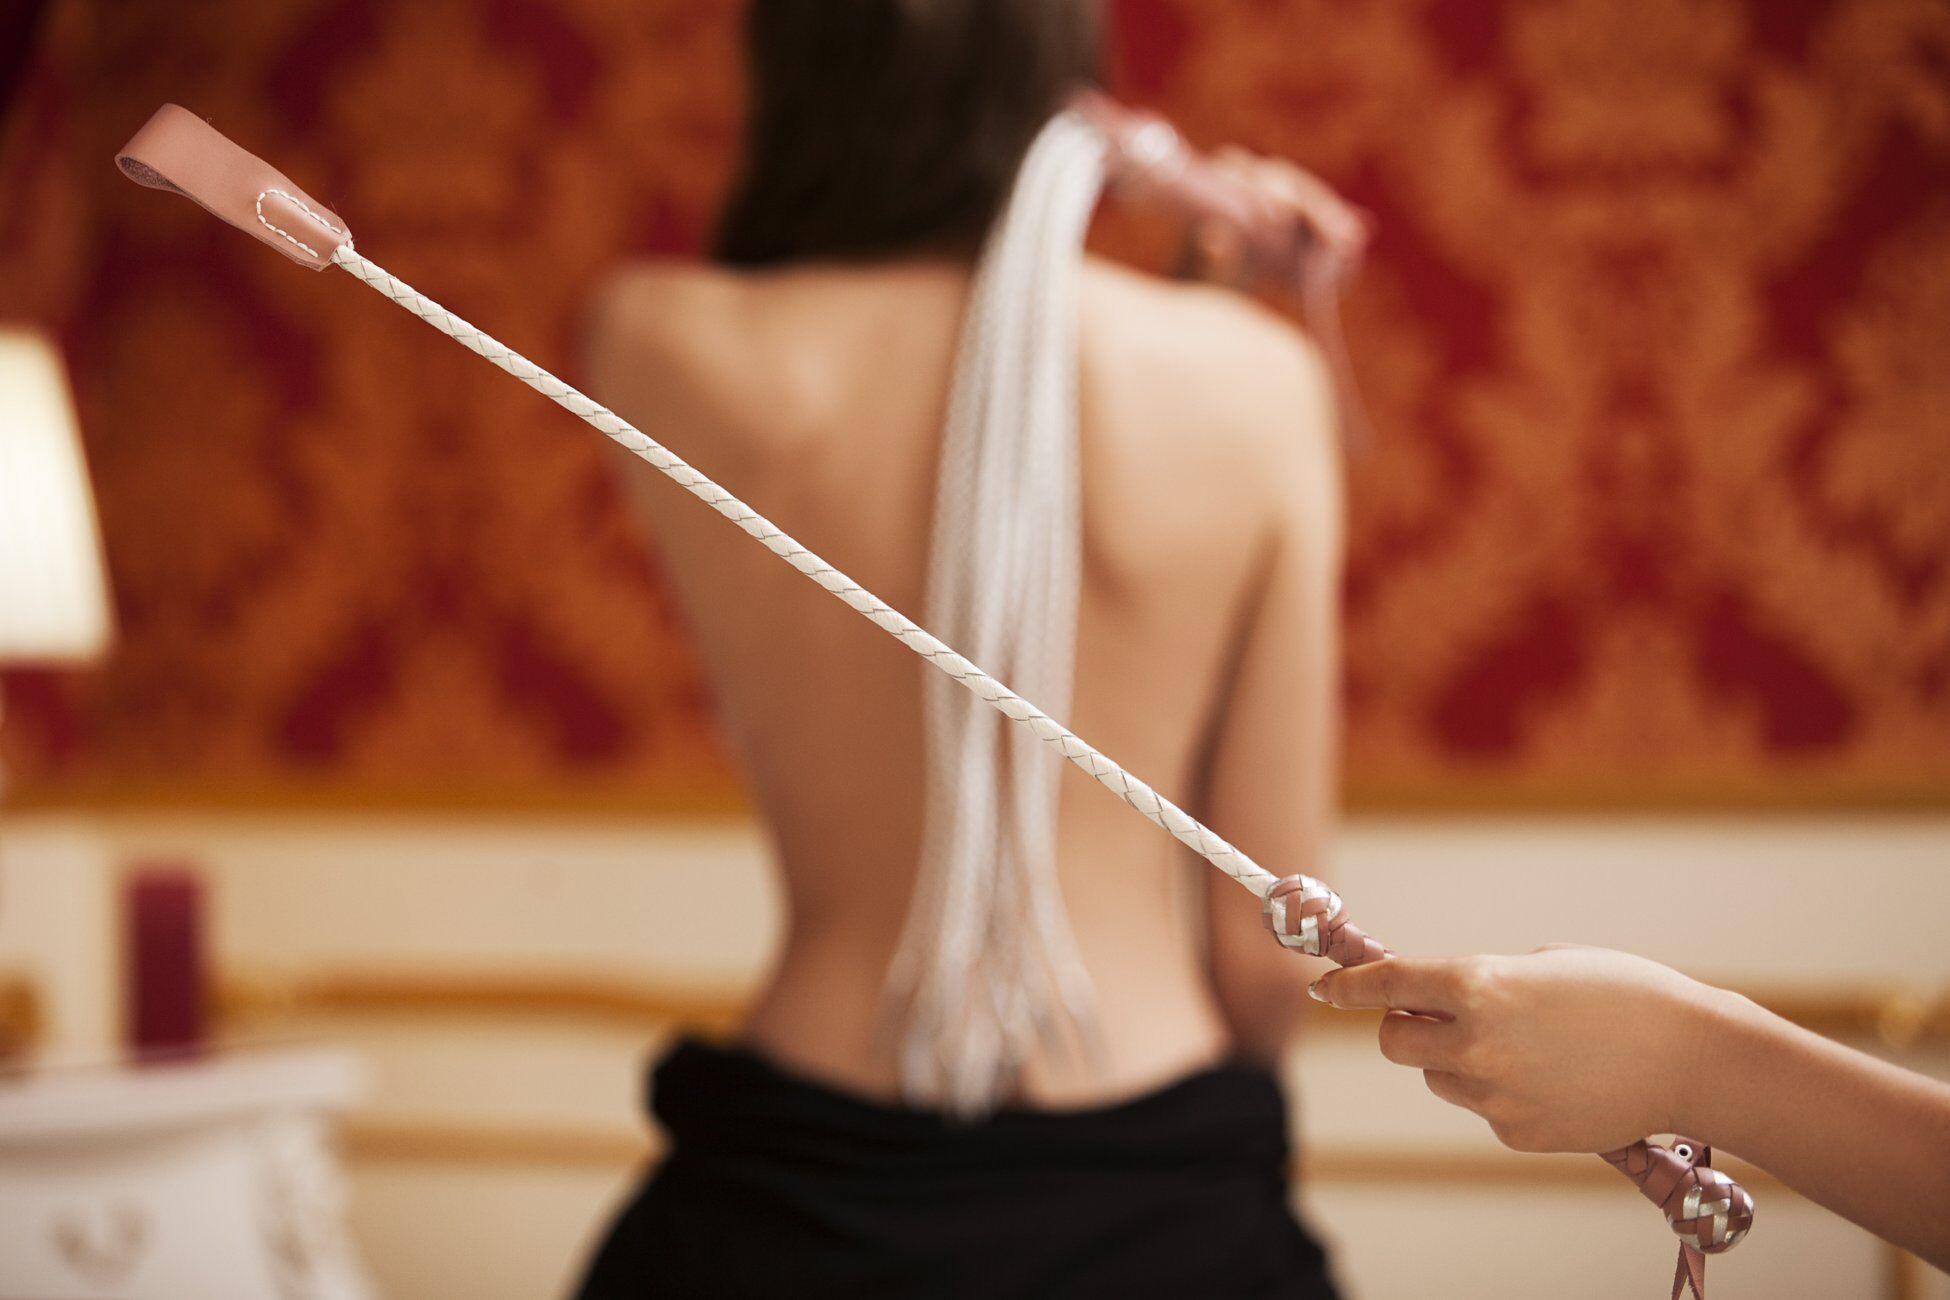 Сексвайф стал самым популярным запросом среди украинцев